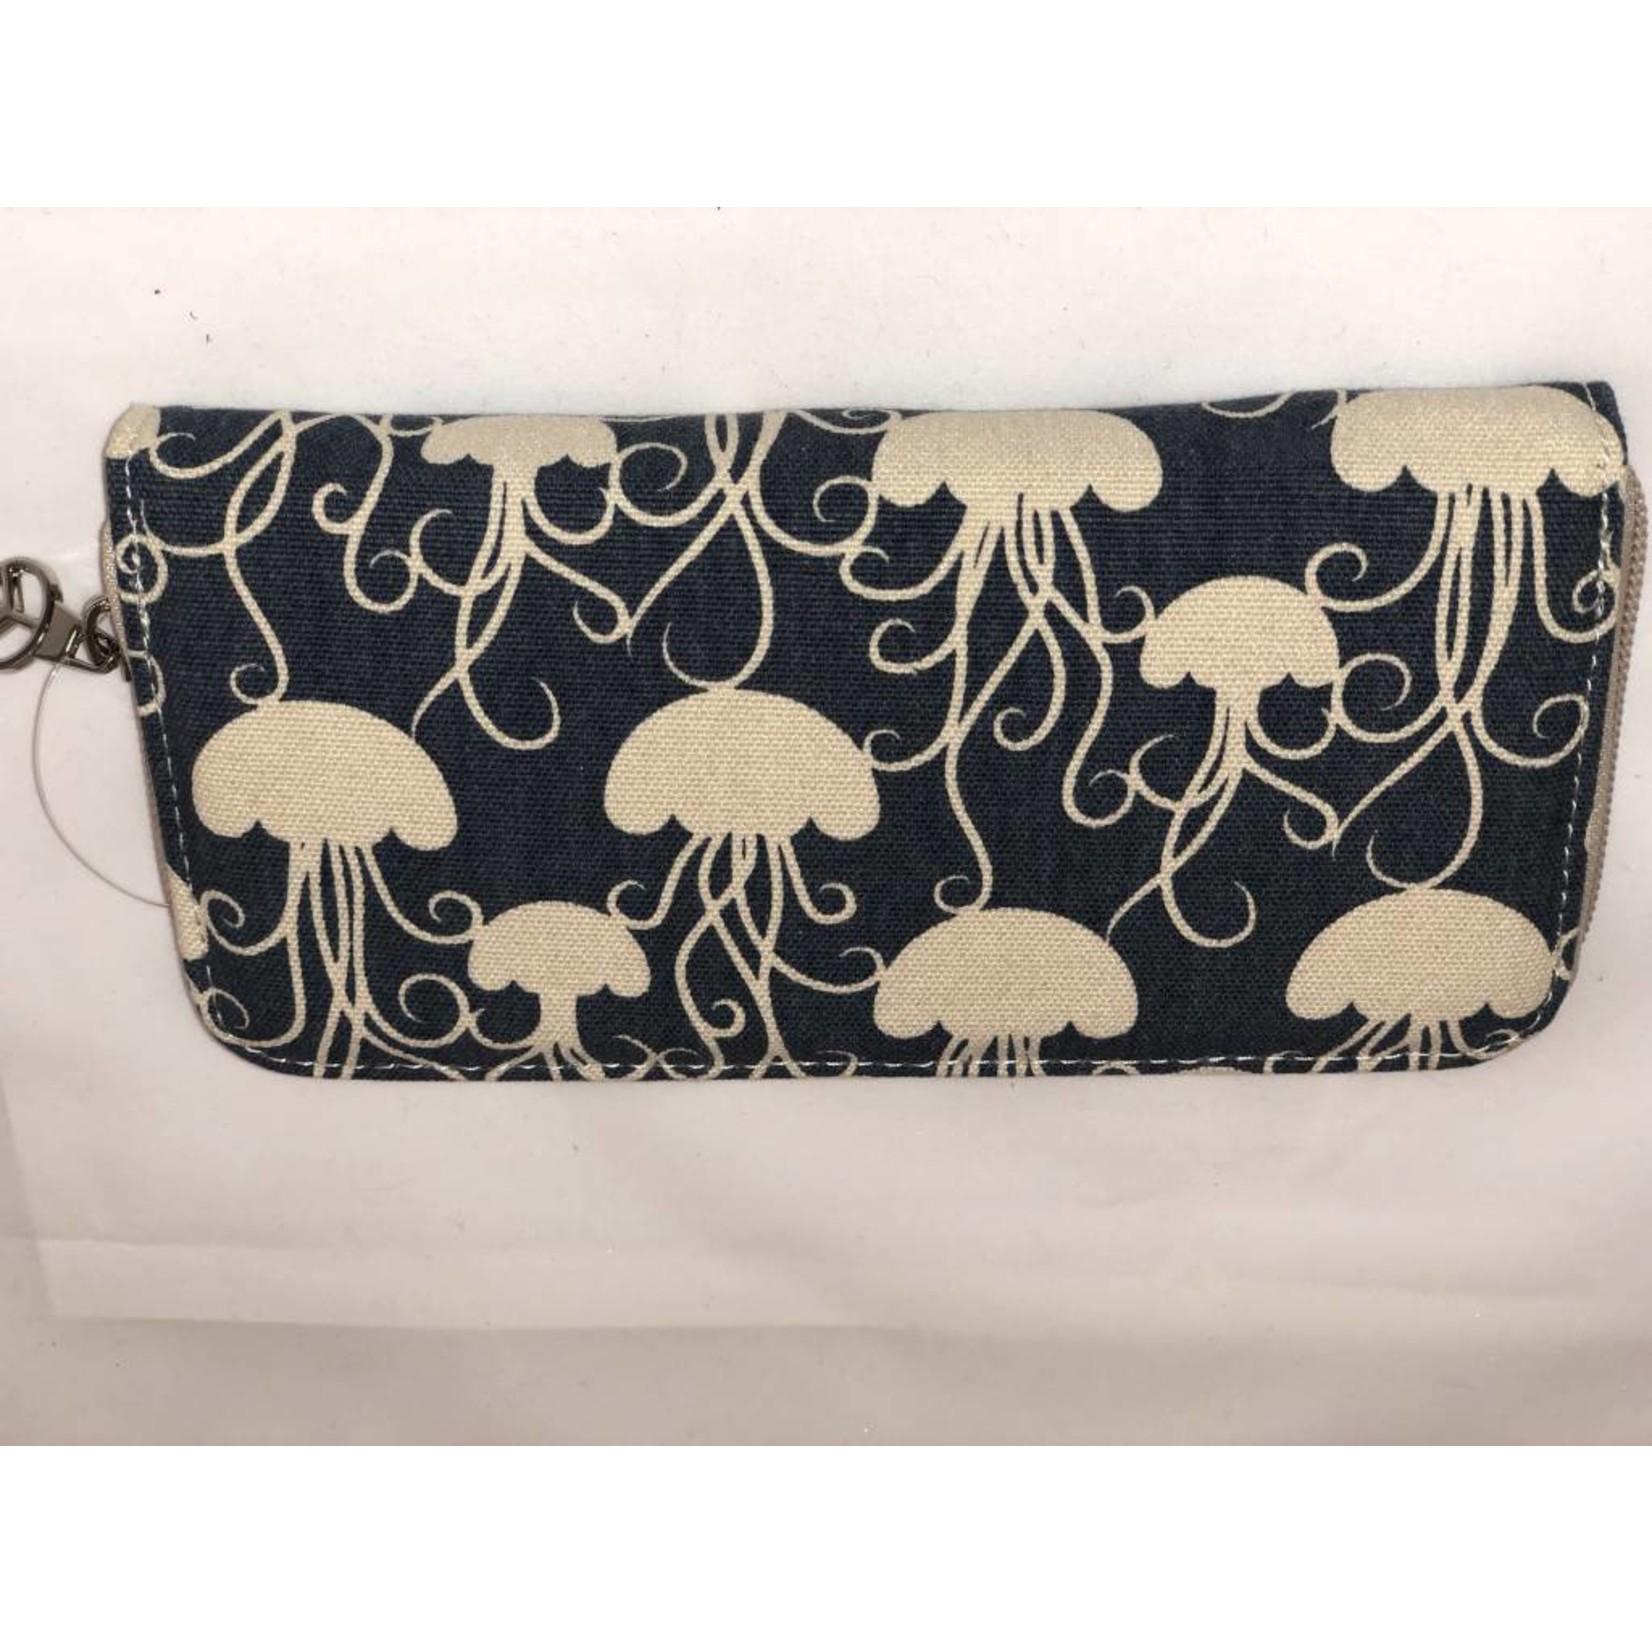 Bungalow 360 Zip Around Wallet - Jellyfish